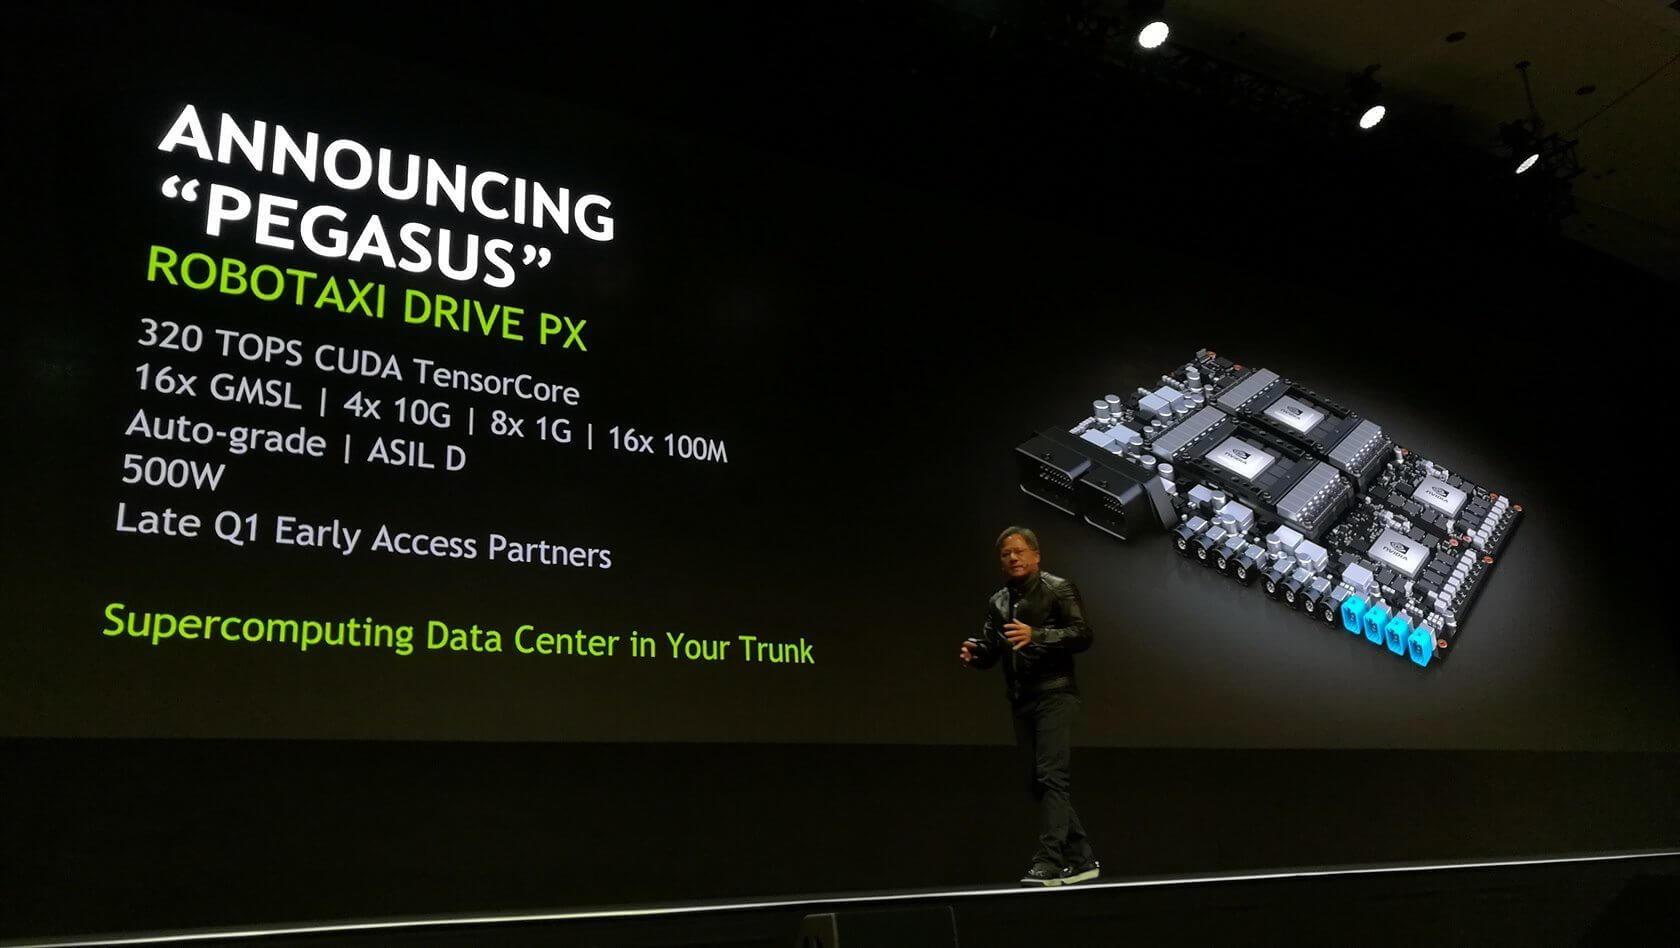 WEI6e8e17 2017 10 10F113525 01 - O novo computador da NVidia promete melhorar a direção automática